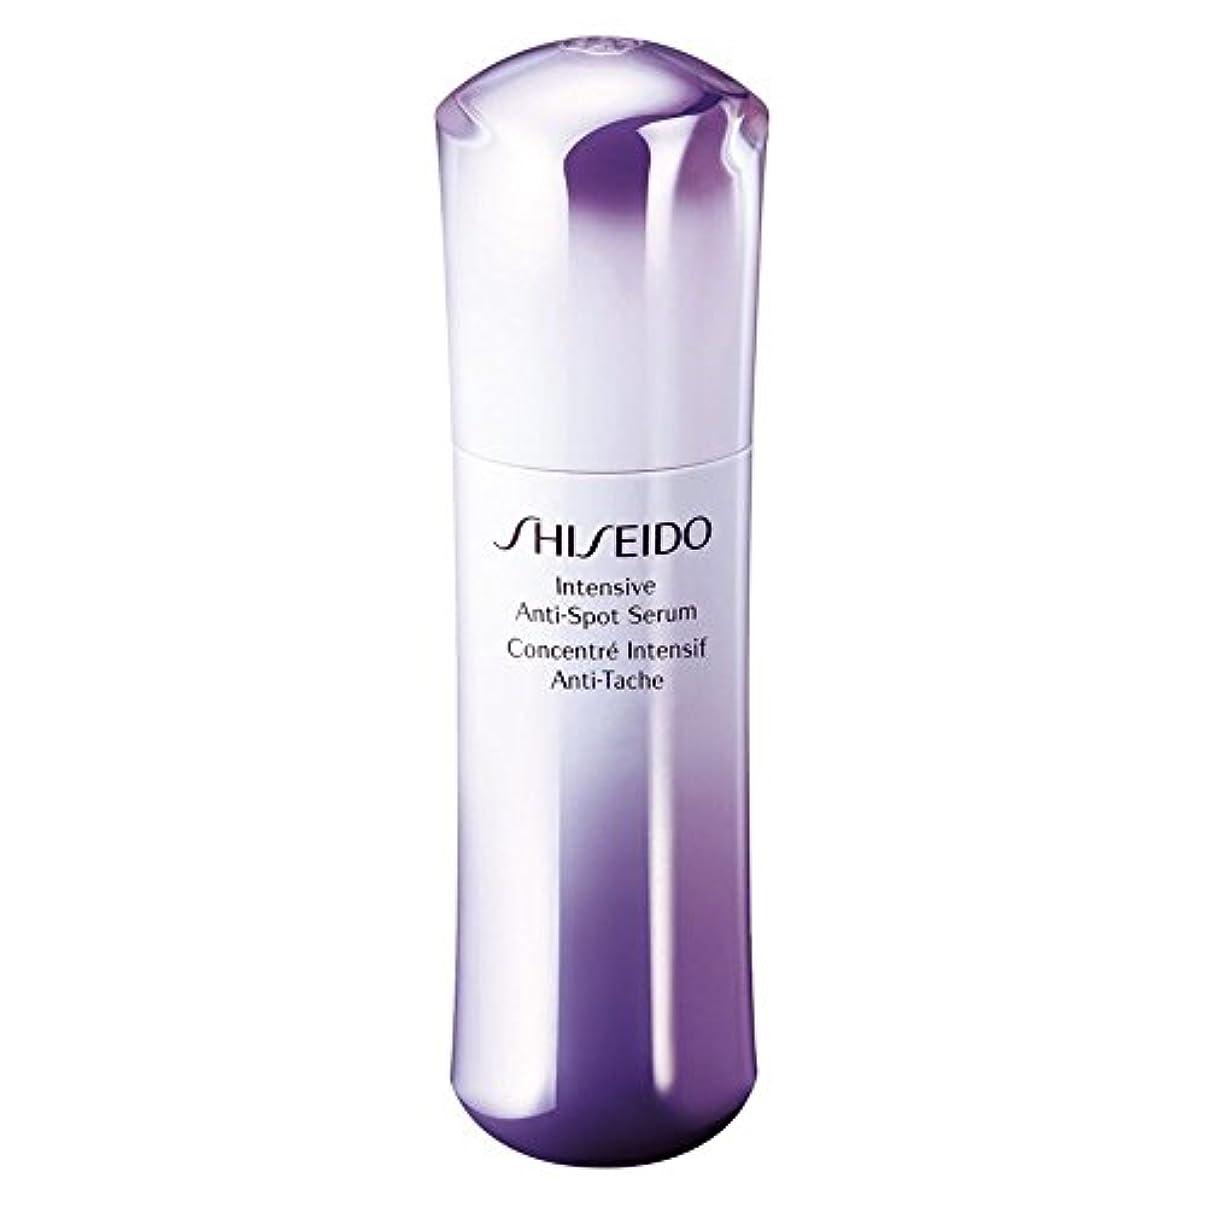 かみそり観光に行く放棄された[Shiseido] 集中的なアンチスポットセラム30MlをShisiedo - Shisiedo Intensive Anti-Spot Serum 30ml [並行輸入品]